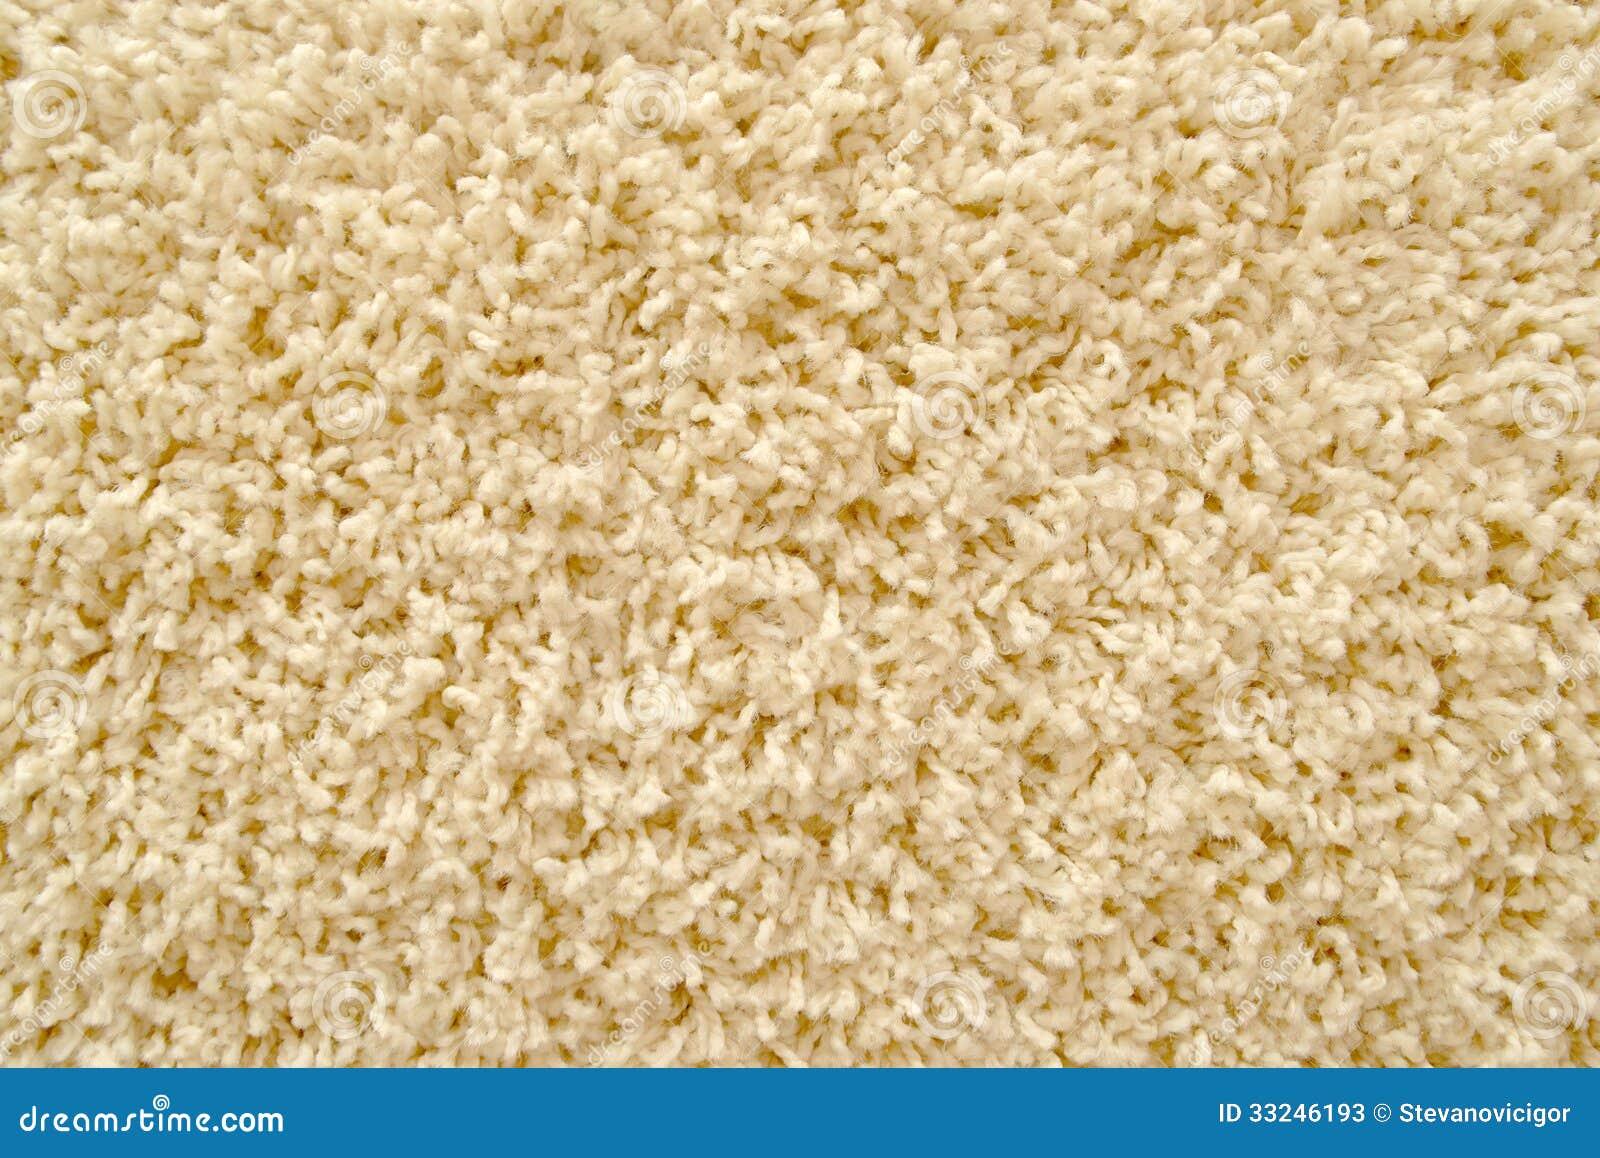 Texure beige de la alfombra como fondo fotos de archivo imagen 33246193 - Alfombra beige ...